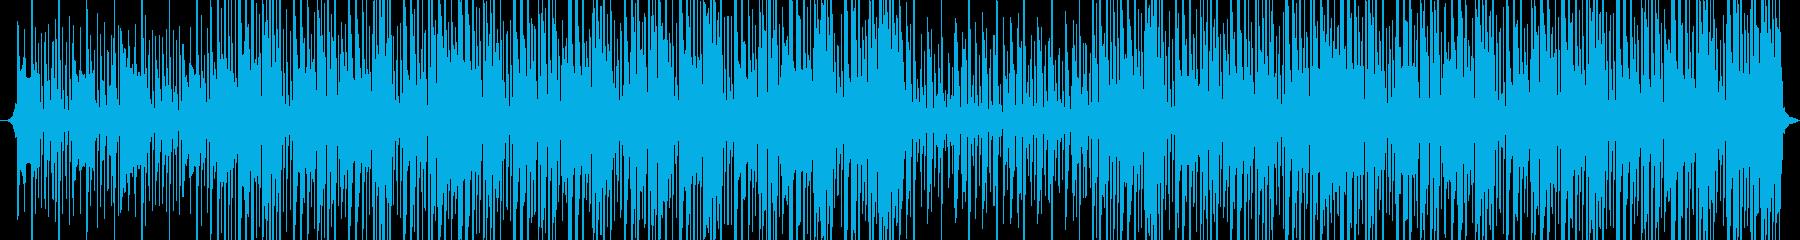 クールな高揚する明るい溝のテーマの再生済みの波形